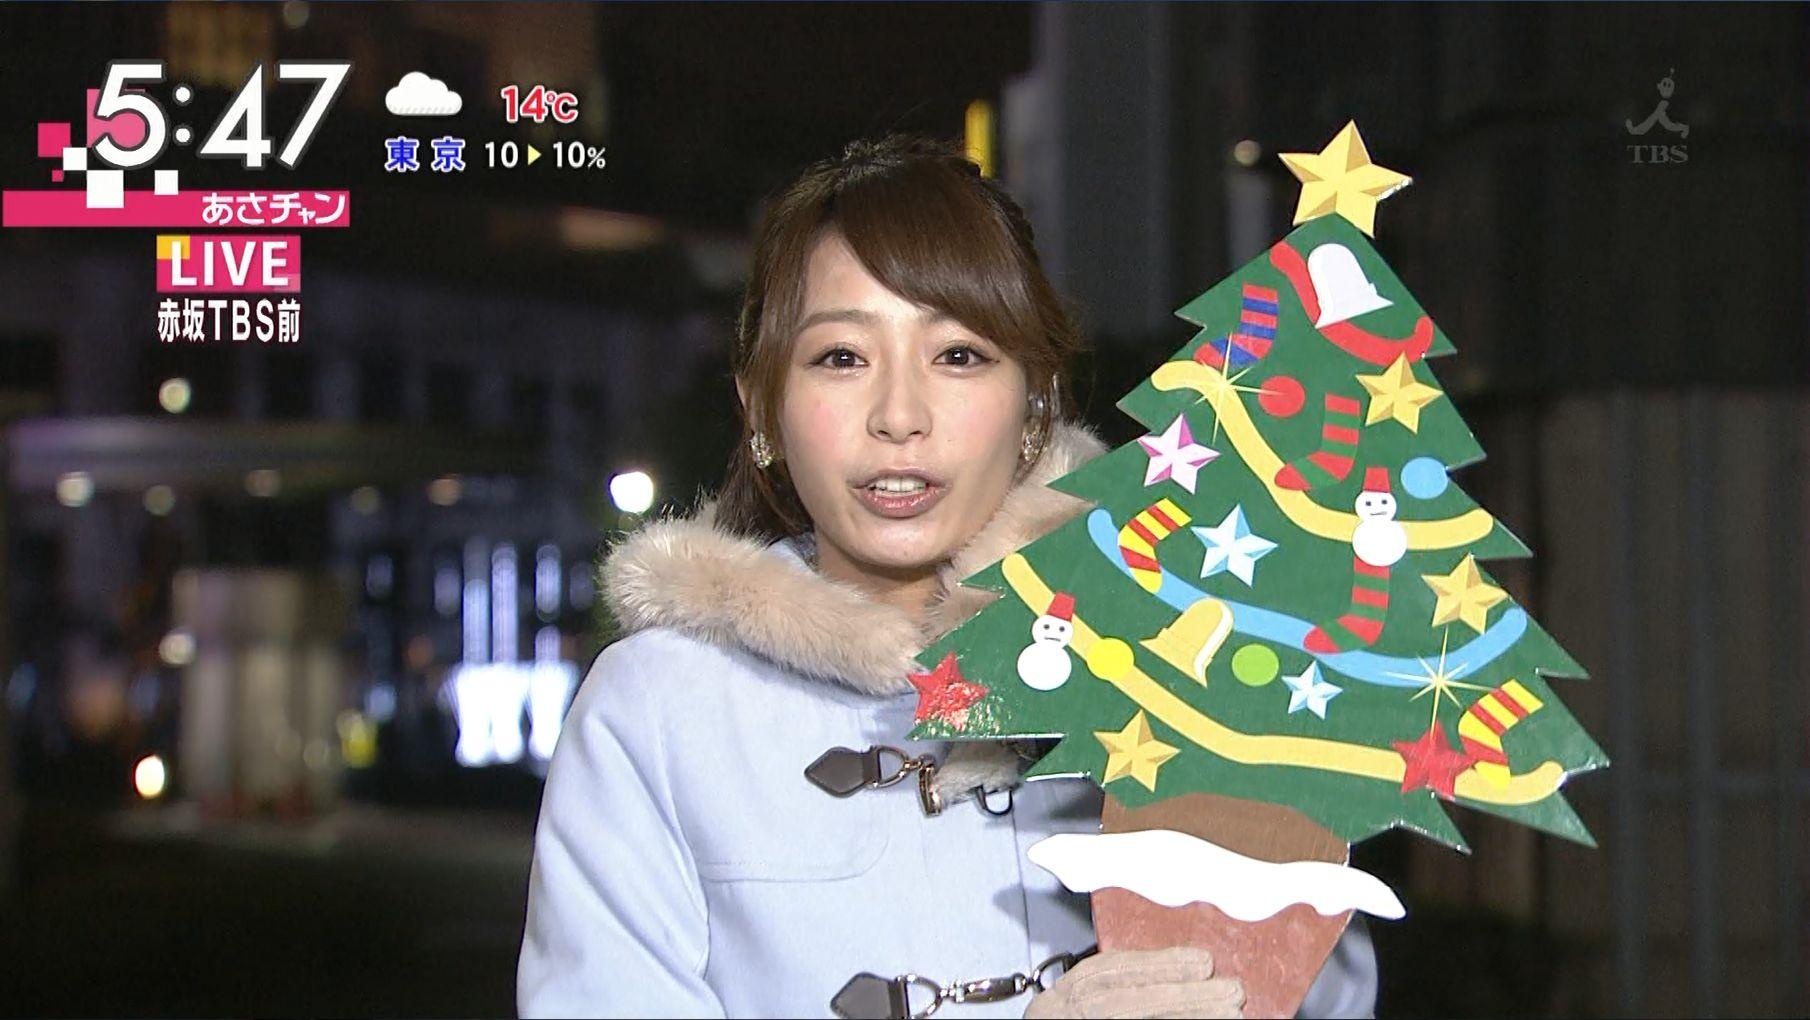 クリスマスツリーを持つ宇垣美里